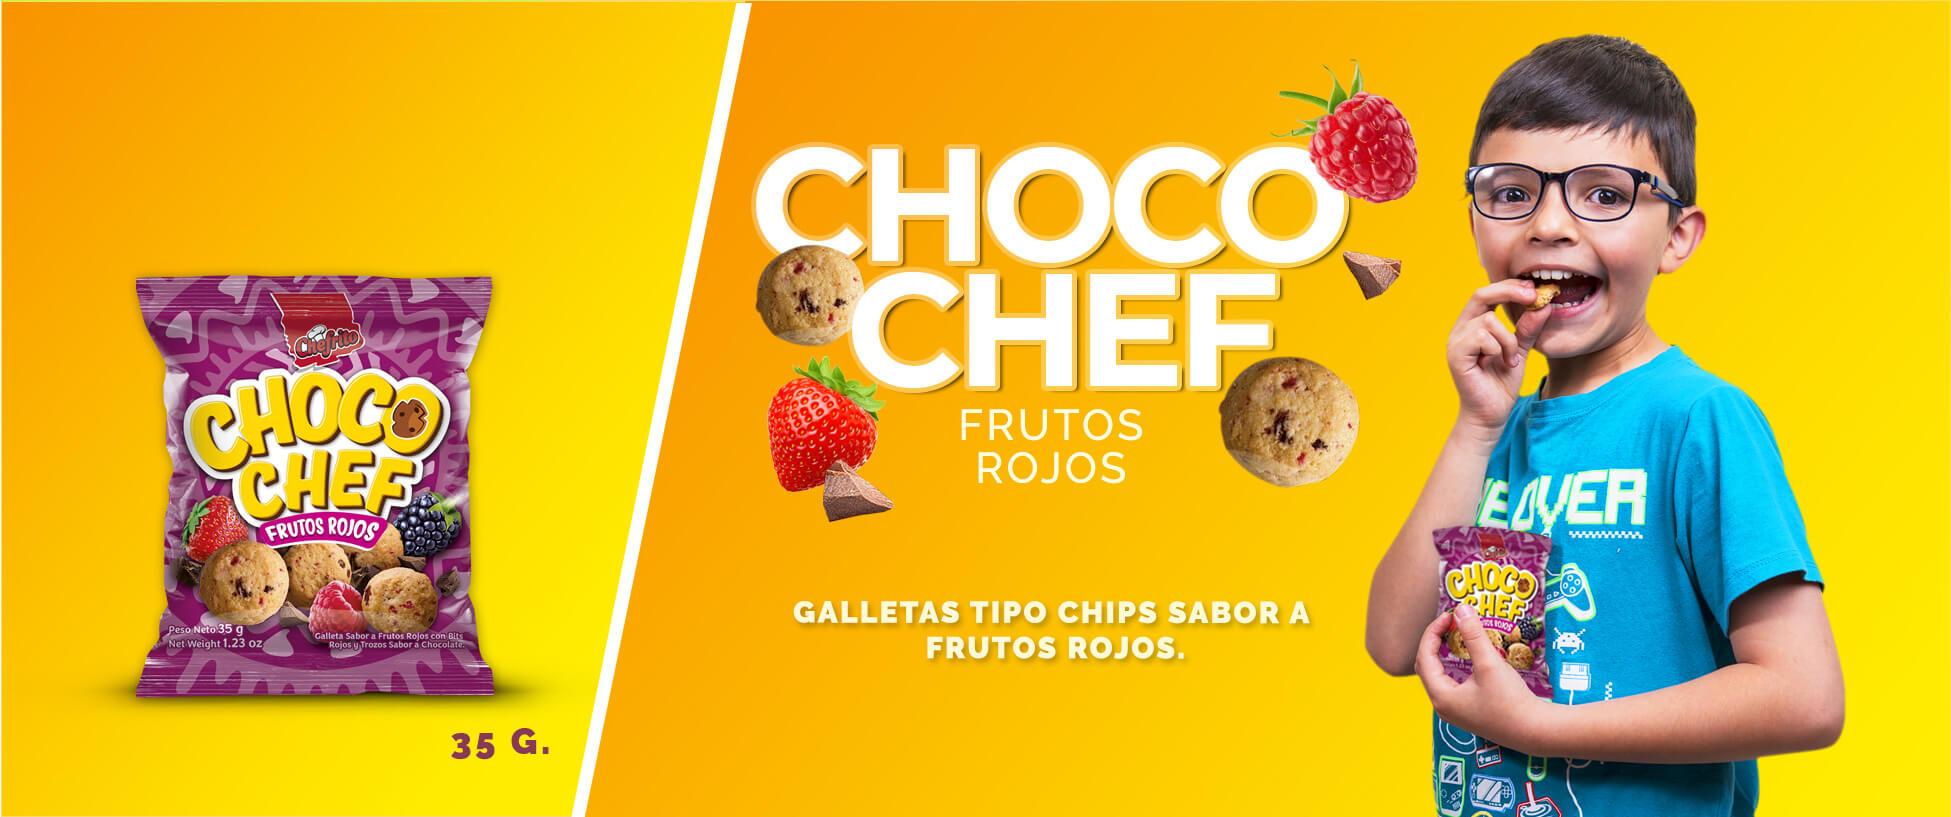 ChocoChef 3